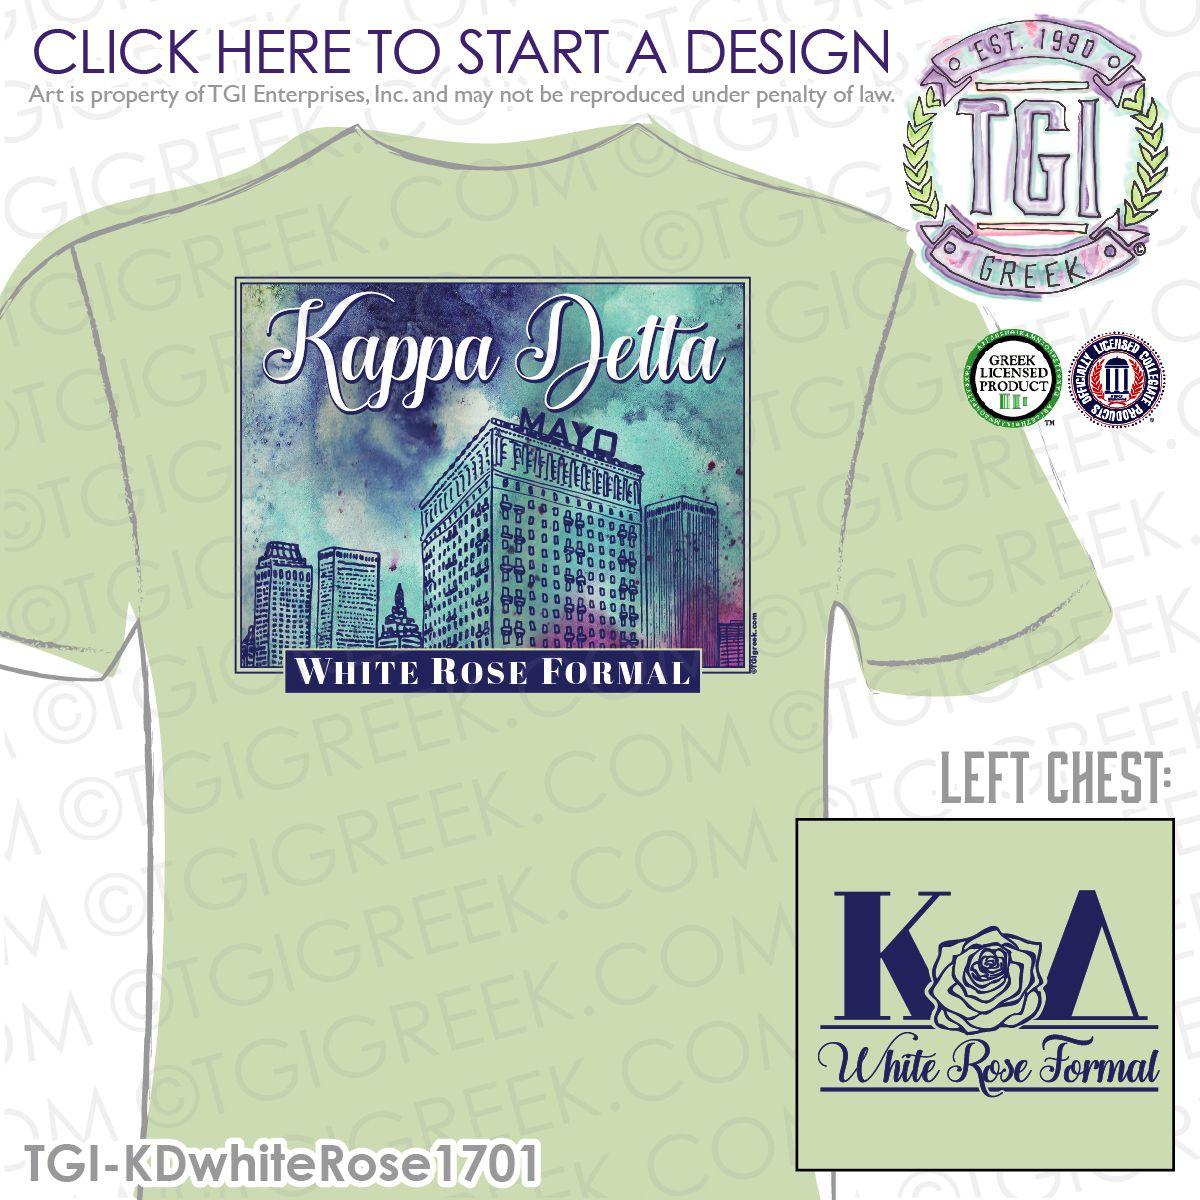 T shirt printing at white rose - Kappa Delta White Rose Formal Sorority Formal Shirt Formal Tee